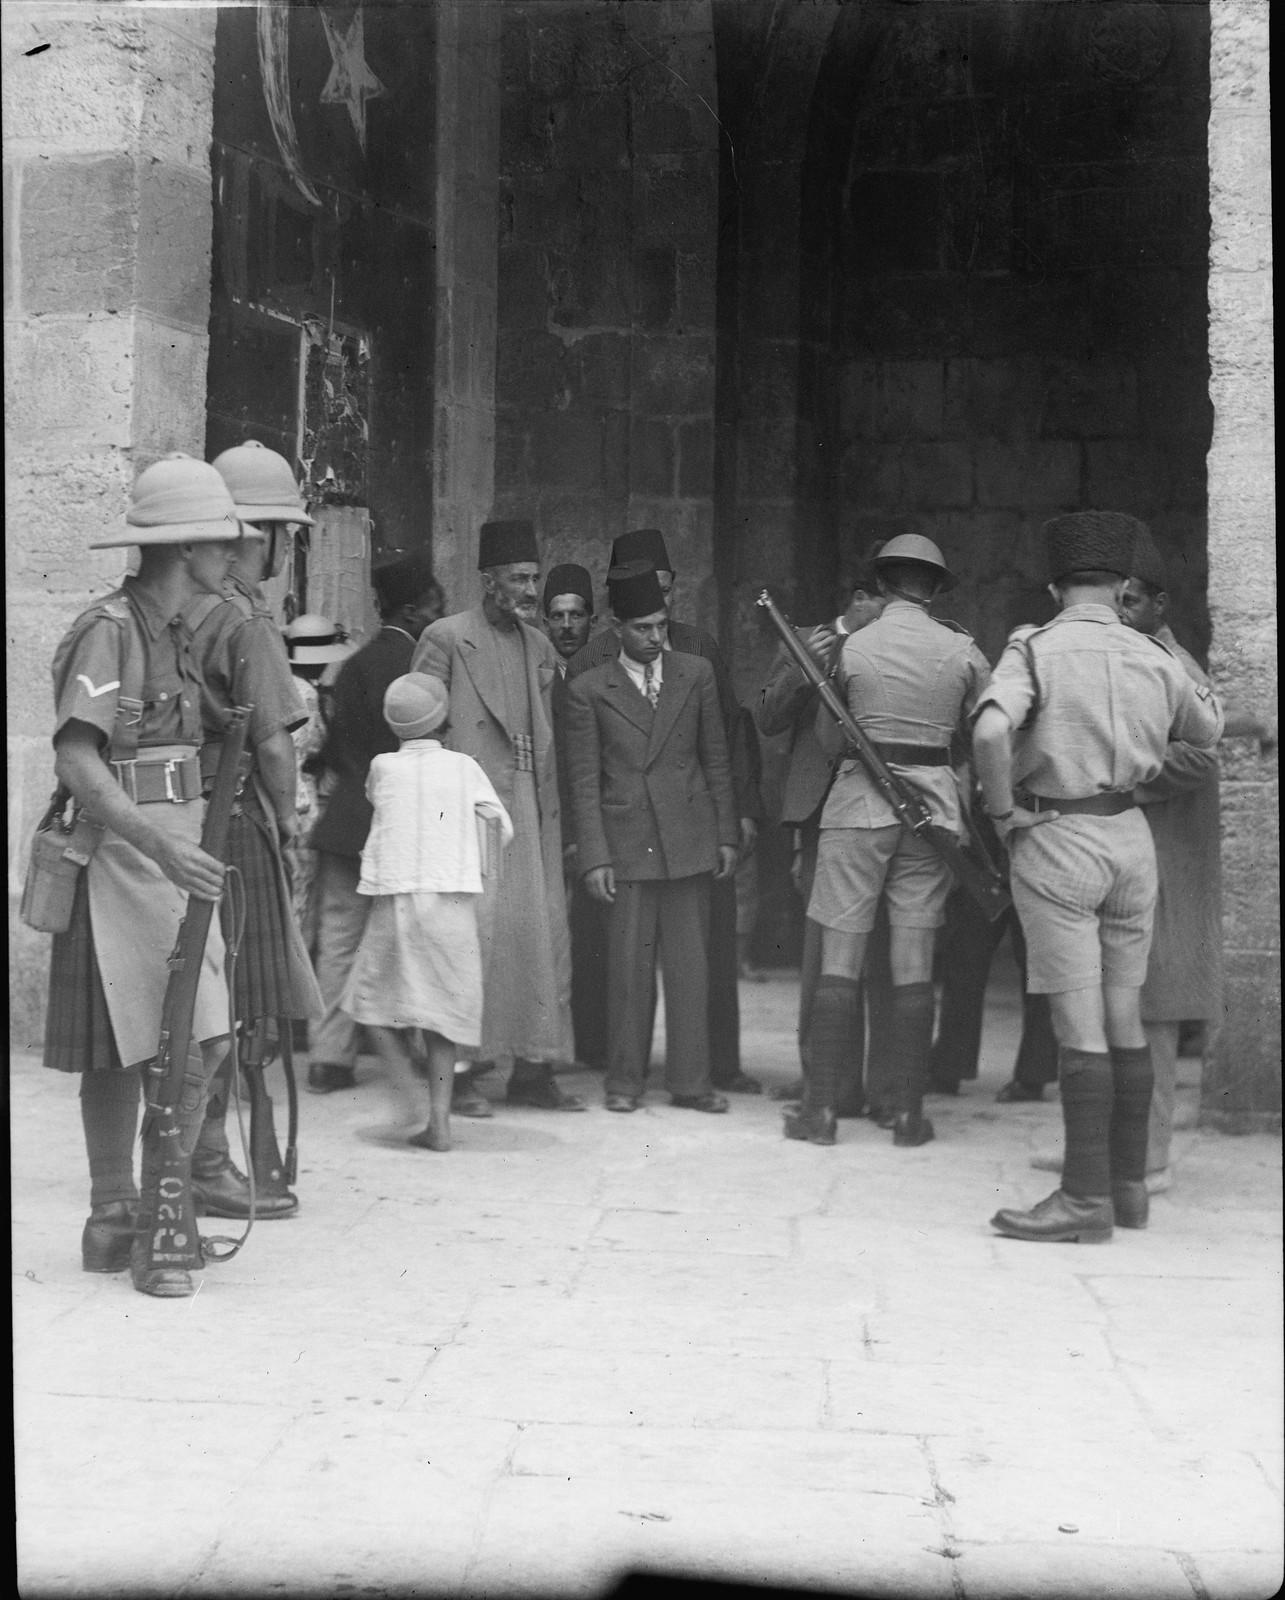 Иерусалим. Обыск арабов на предмет оружия у Яффских ворот.